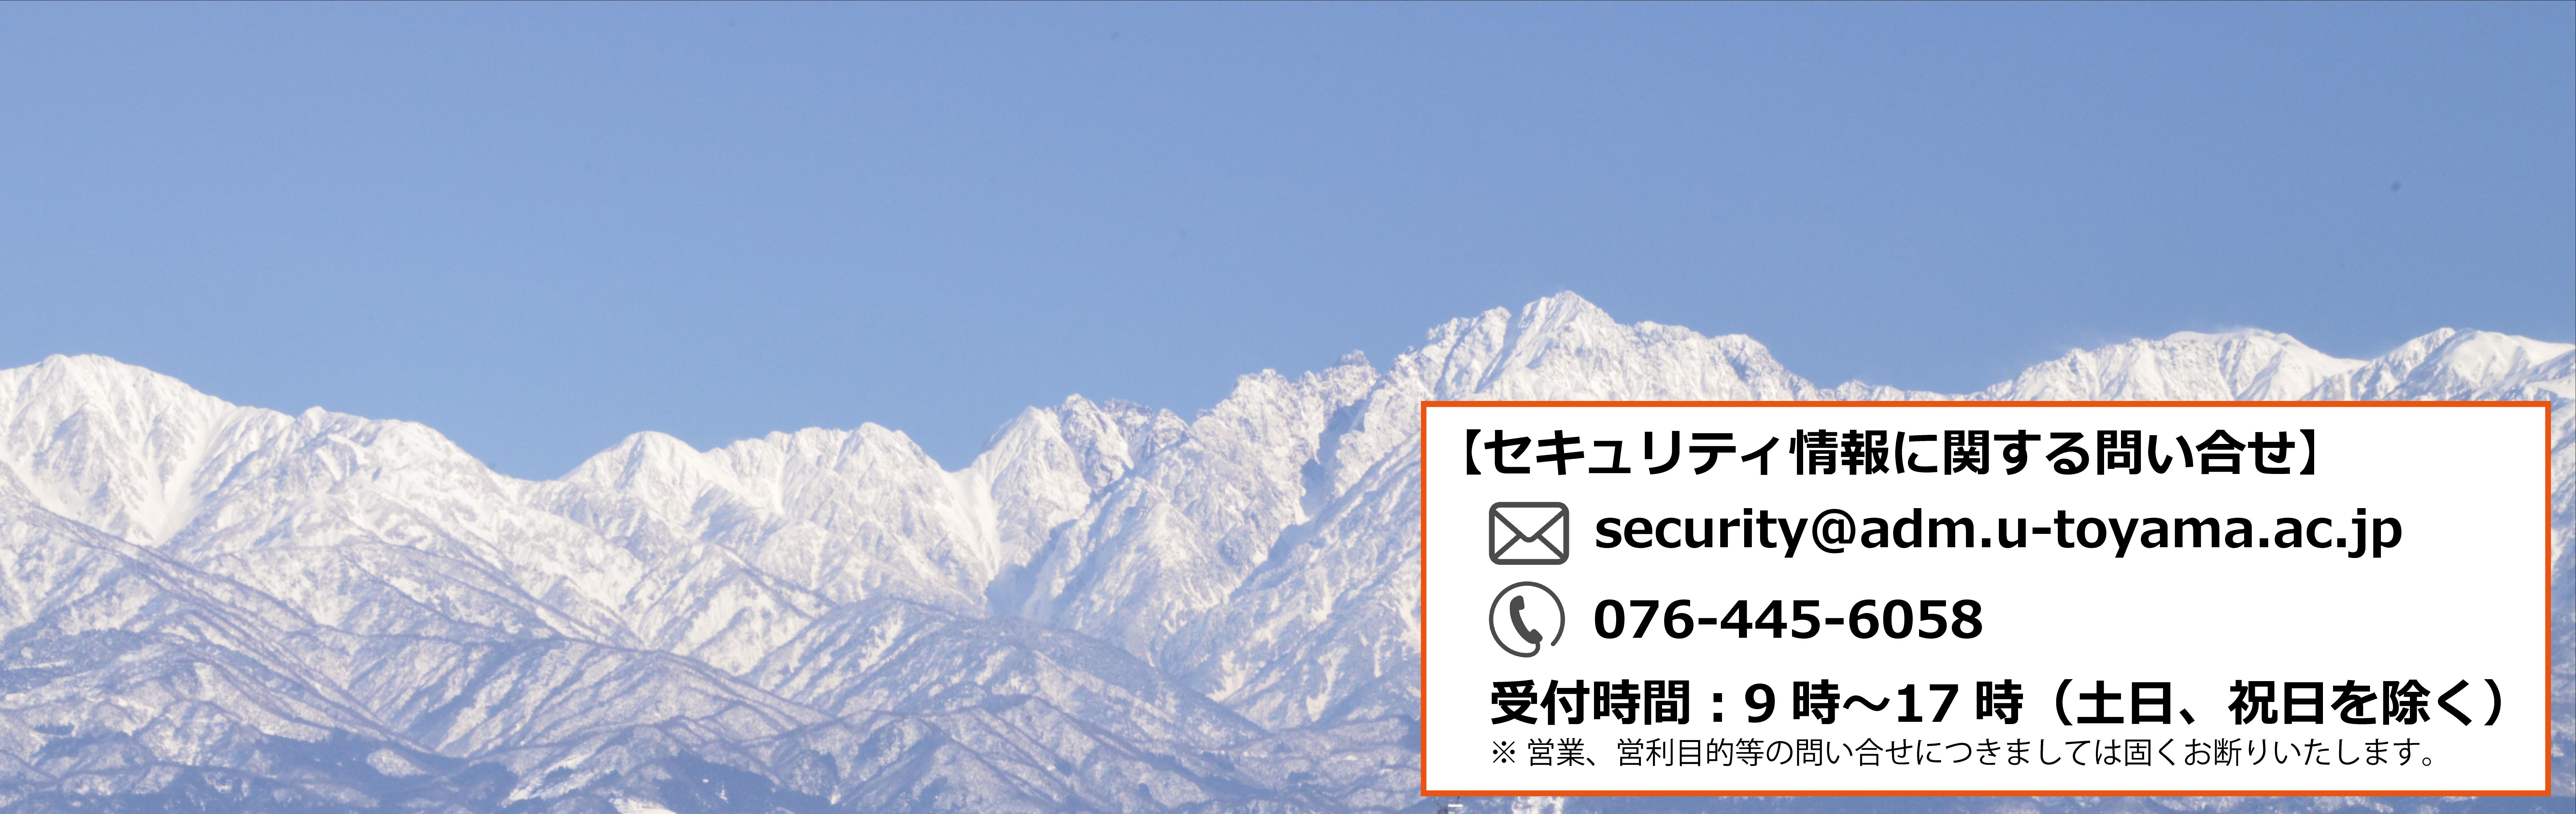 富山大学セキュリティ情報